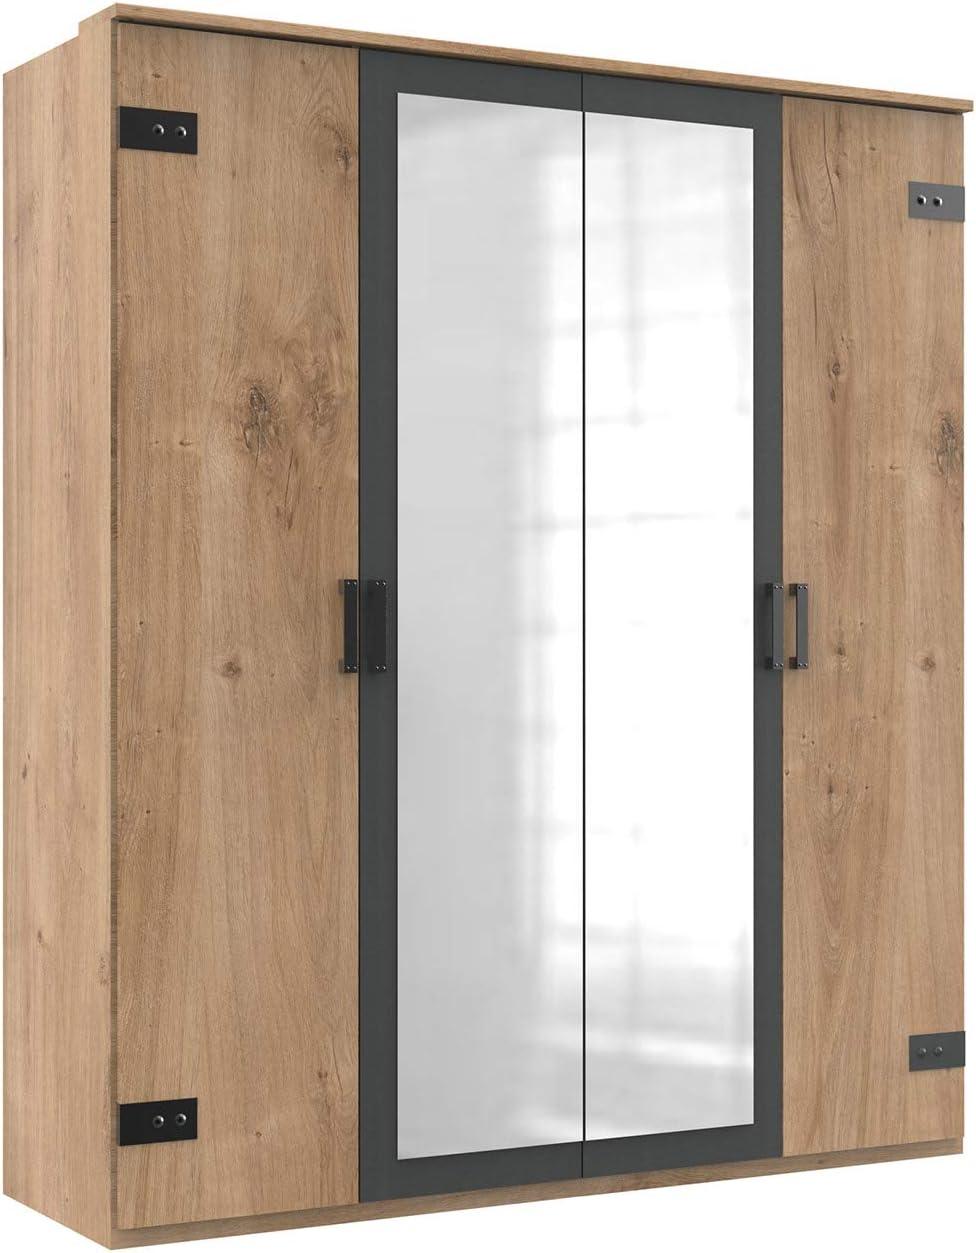 lifestyle4living - Armario ropero con Puertas giratorias (180 cm), Color Gris: Amazon.es: Juguetes y juegos